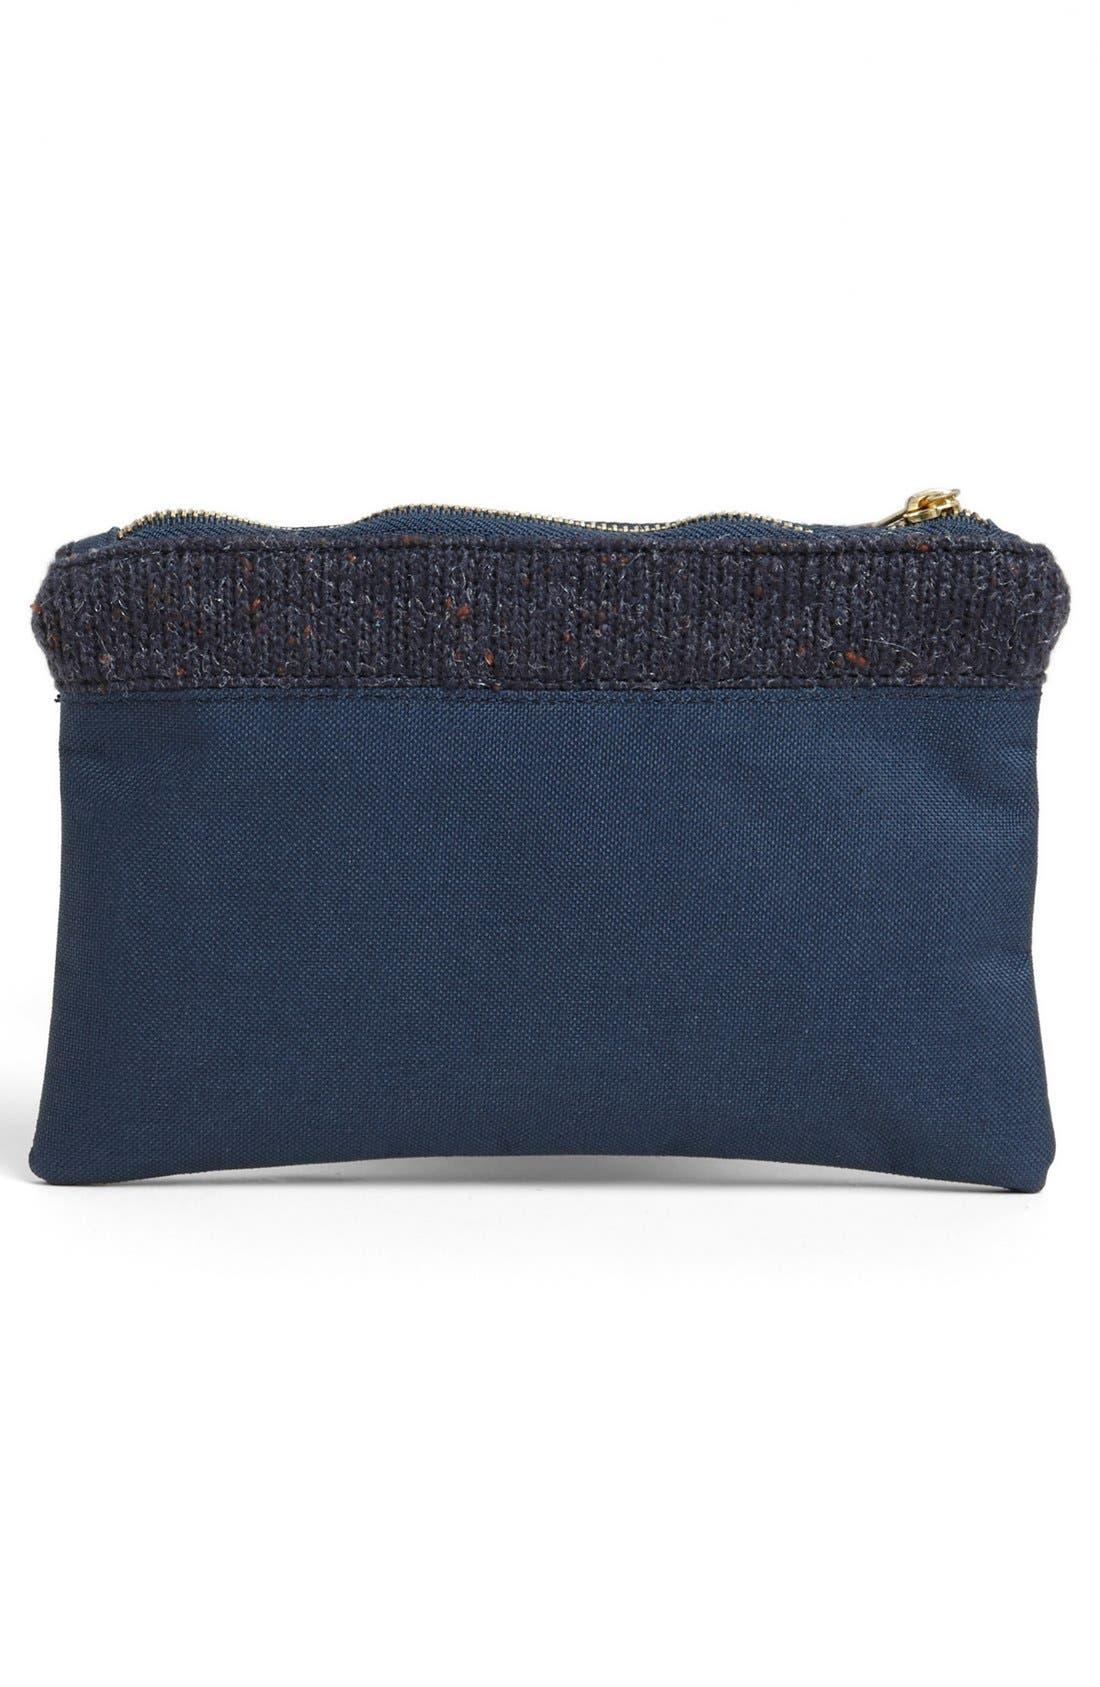 Alternate Image 3  - Herschel Supply Co. Knit Trim Field Pouch